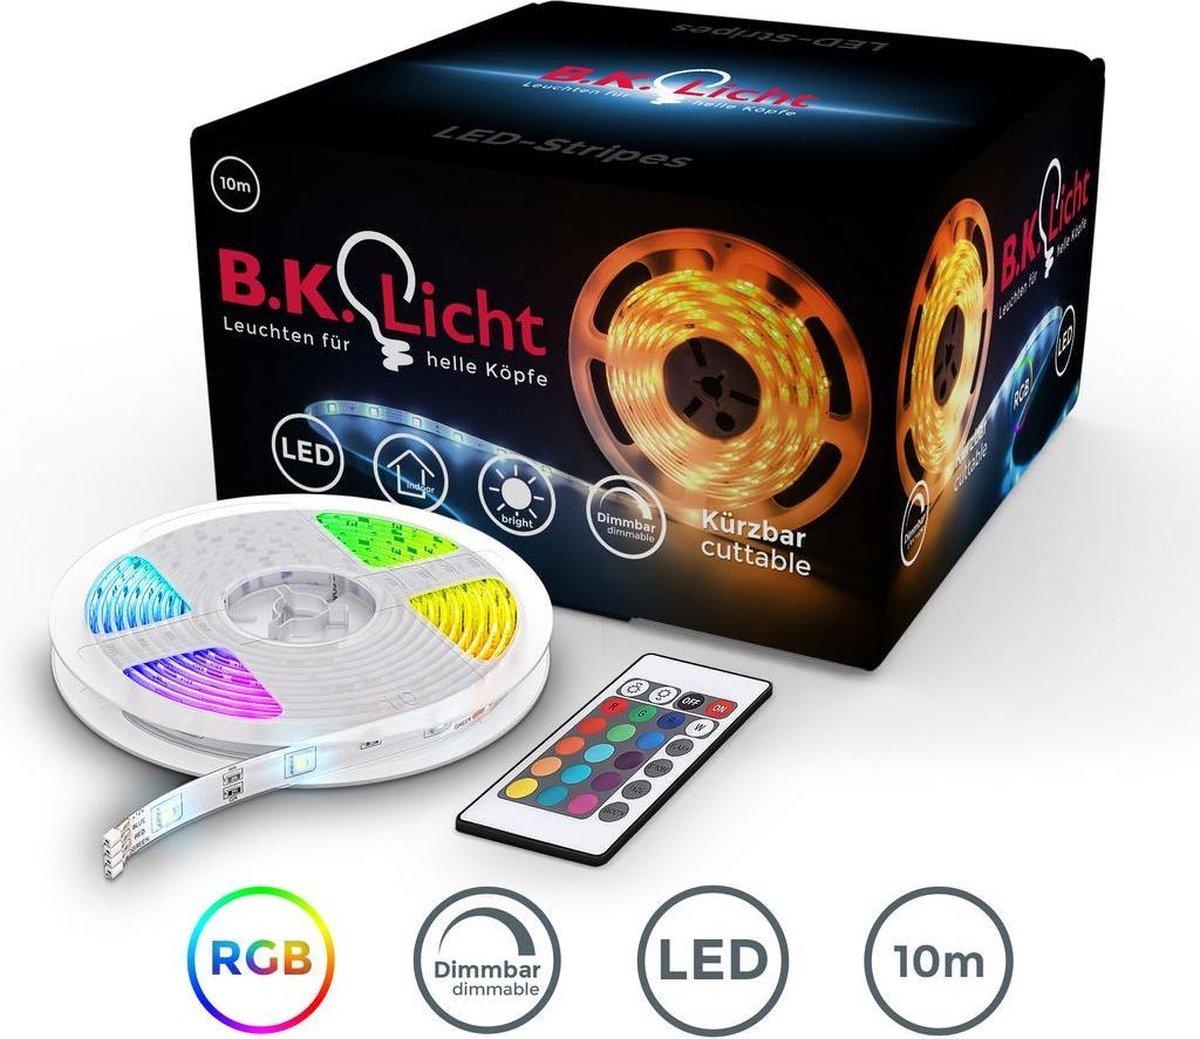 B.K.Licht - LED strip - 10 meter - RGB - dimbaar - incl. afstandsbediening - incl. kleurverandering